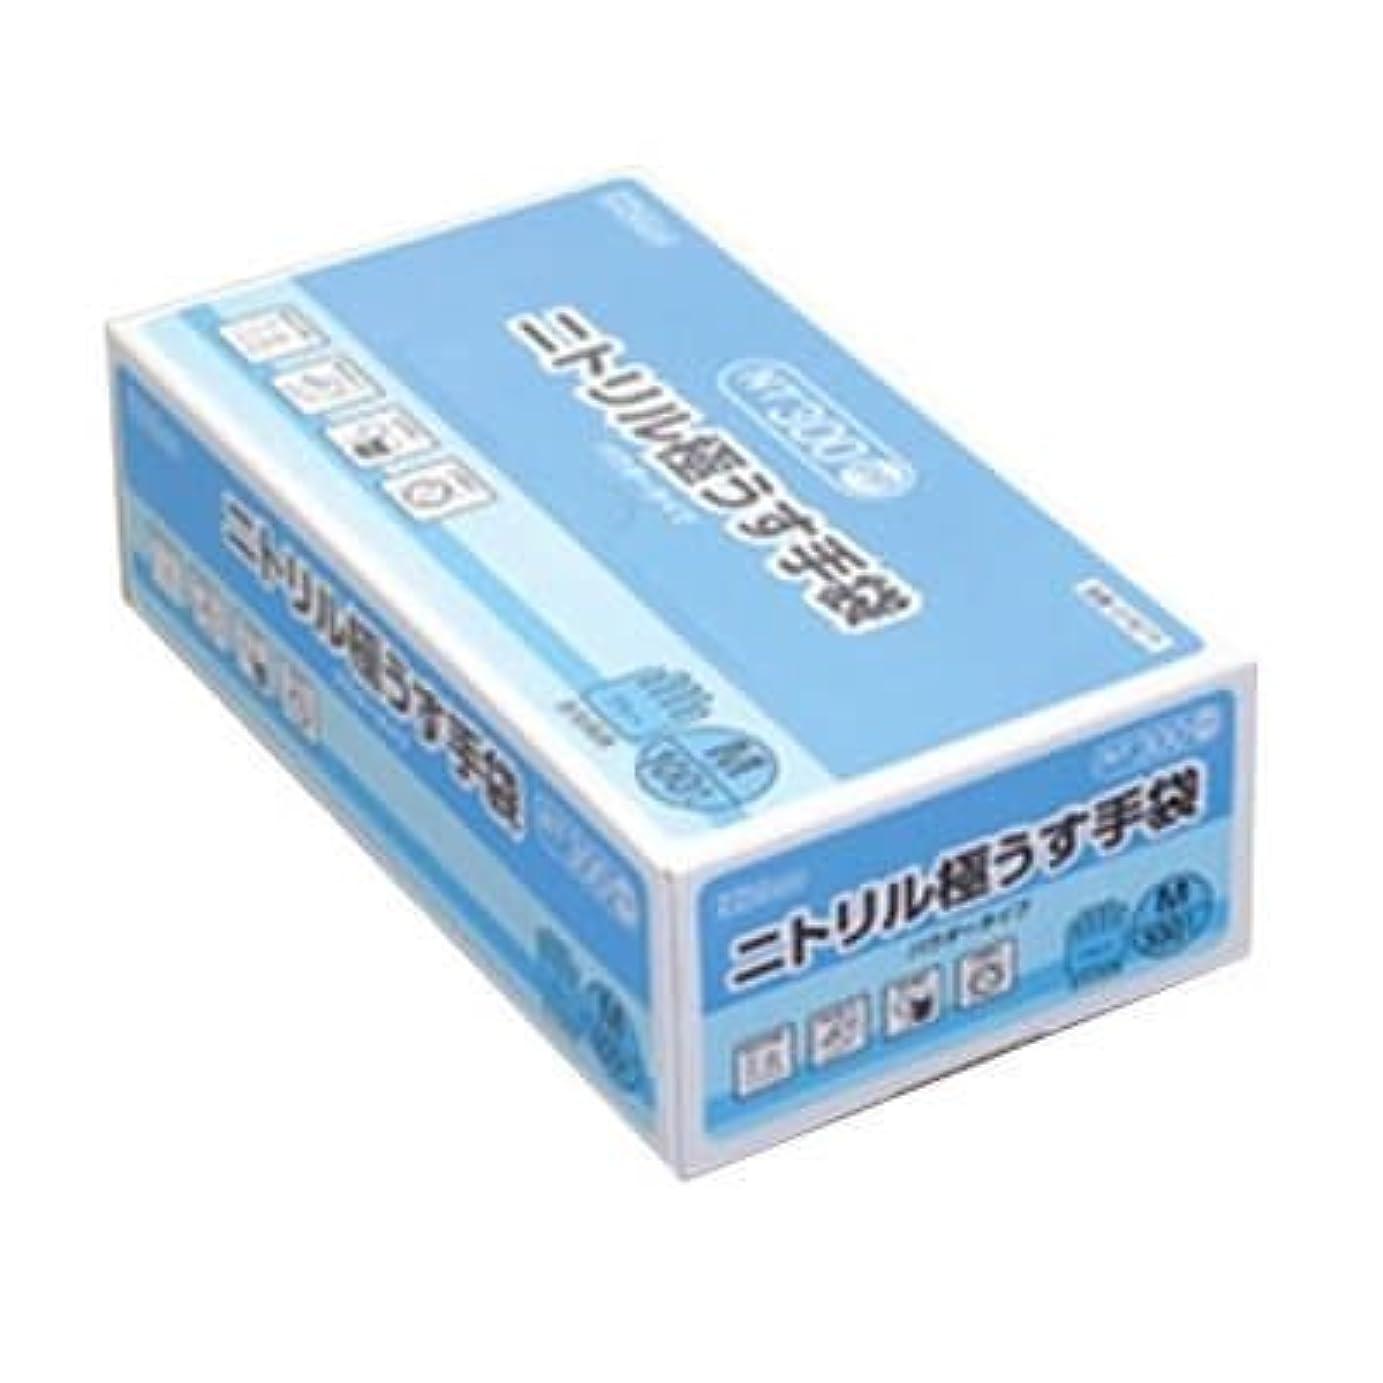 明示的にそれに応じてノミネート【ケース販売】 ダンロップ ニトリル極うす手袋 粉付 M ブルー NT-300 (100枚入×20箱)